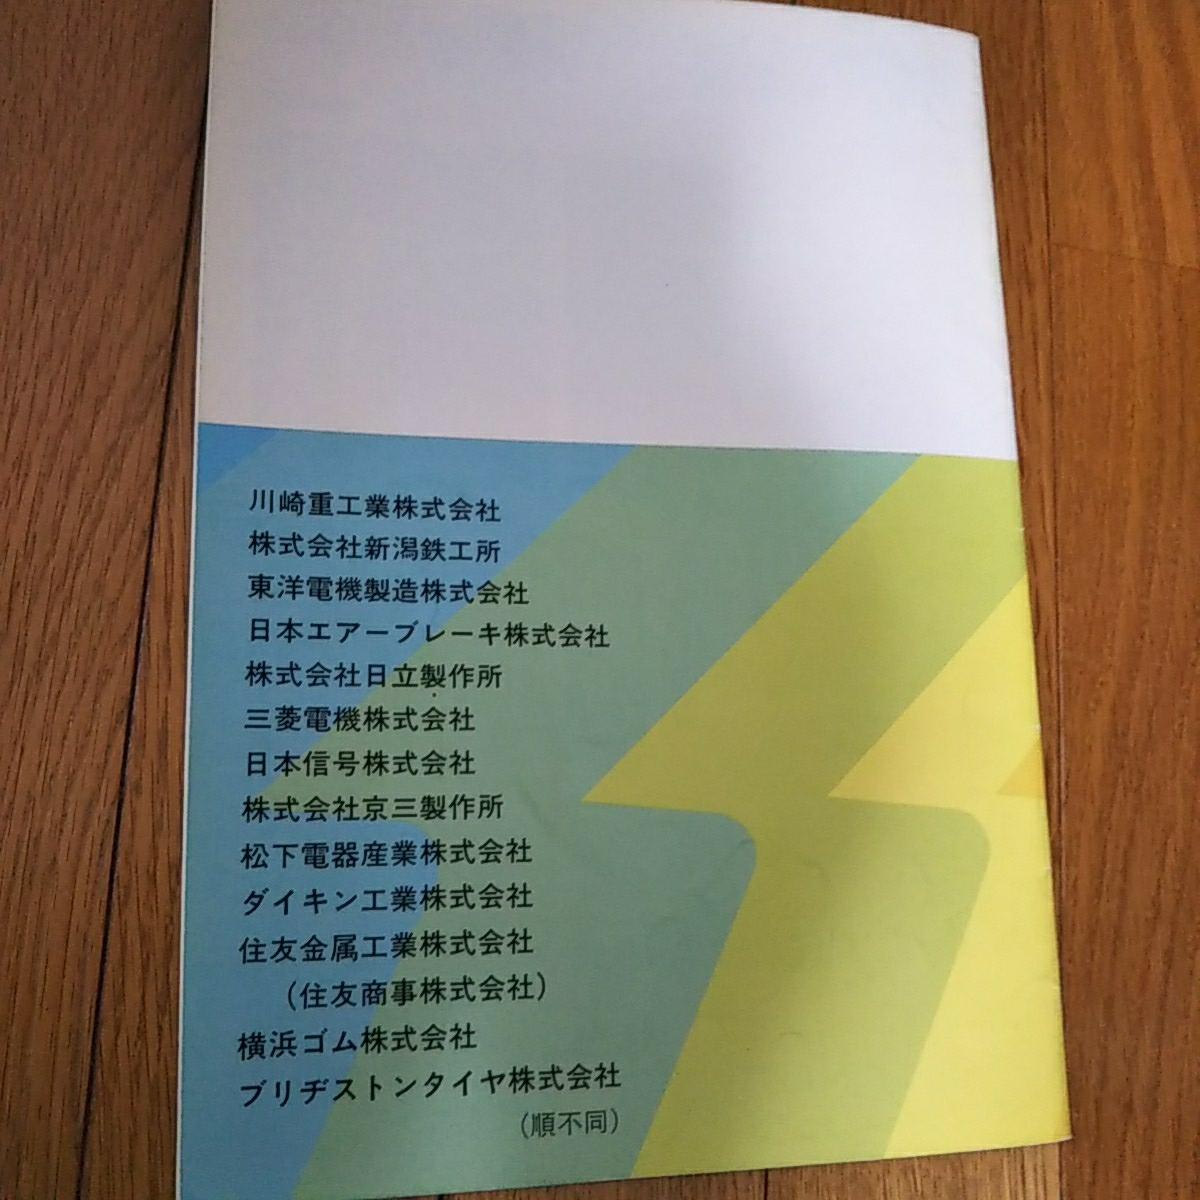 埼玉新都市交通 伊奈線 1000系車両 新造カタログ22ページ _画像5